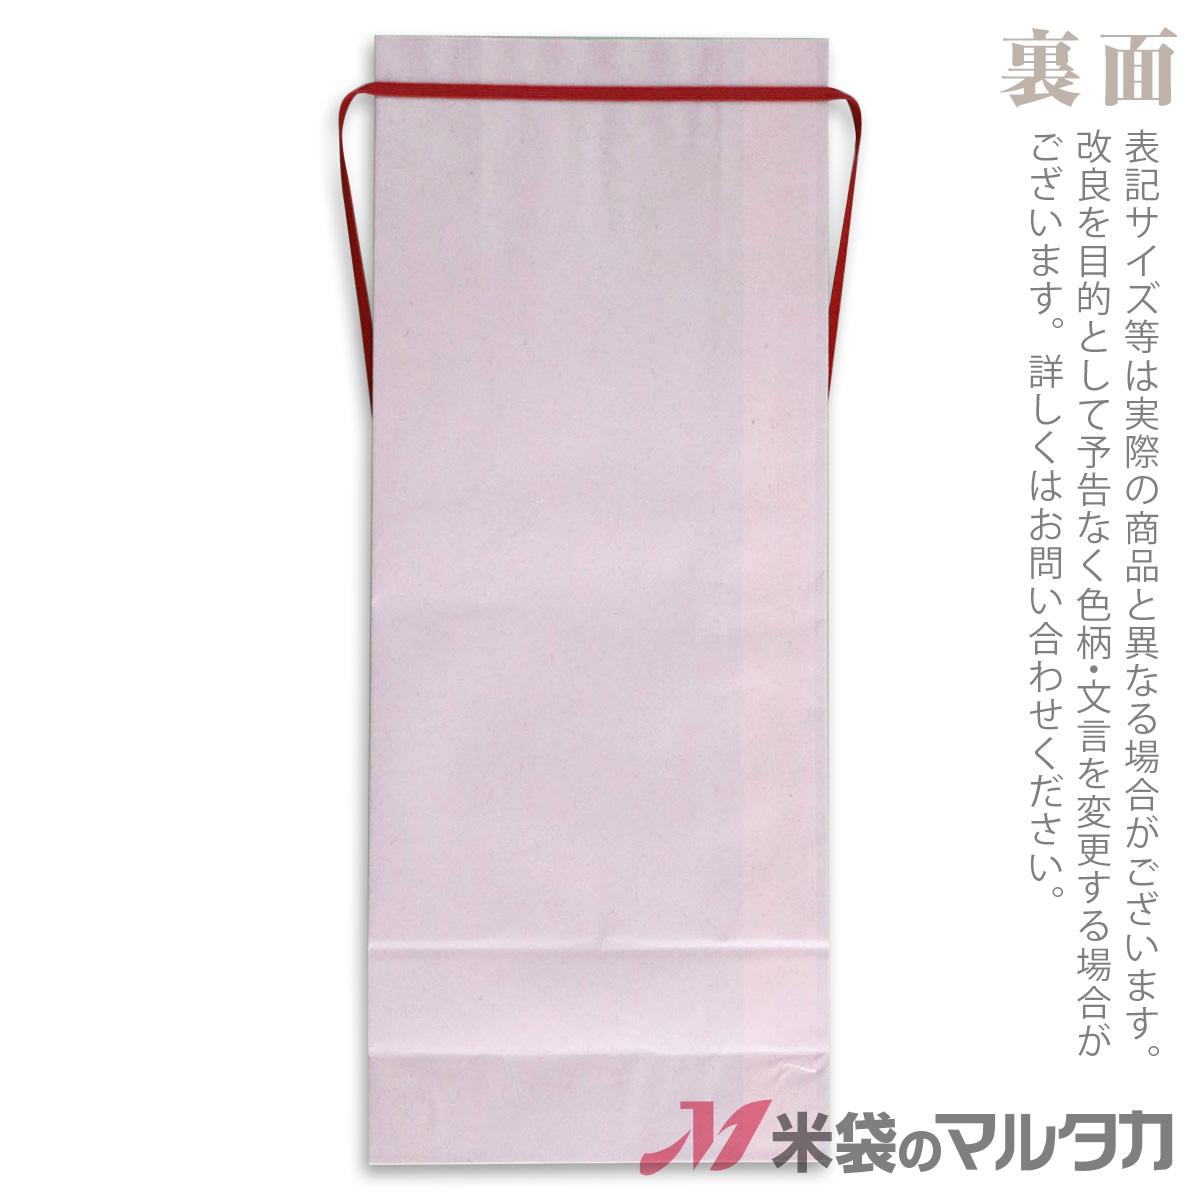 紐付クラフト 5kg用 無地 1ケース(300枚入) KHP-872 カラークラフトSP 保湿タイプ さくら 窓なし